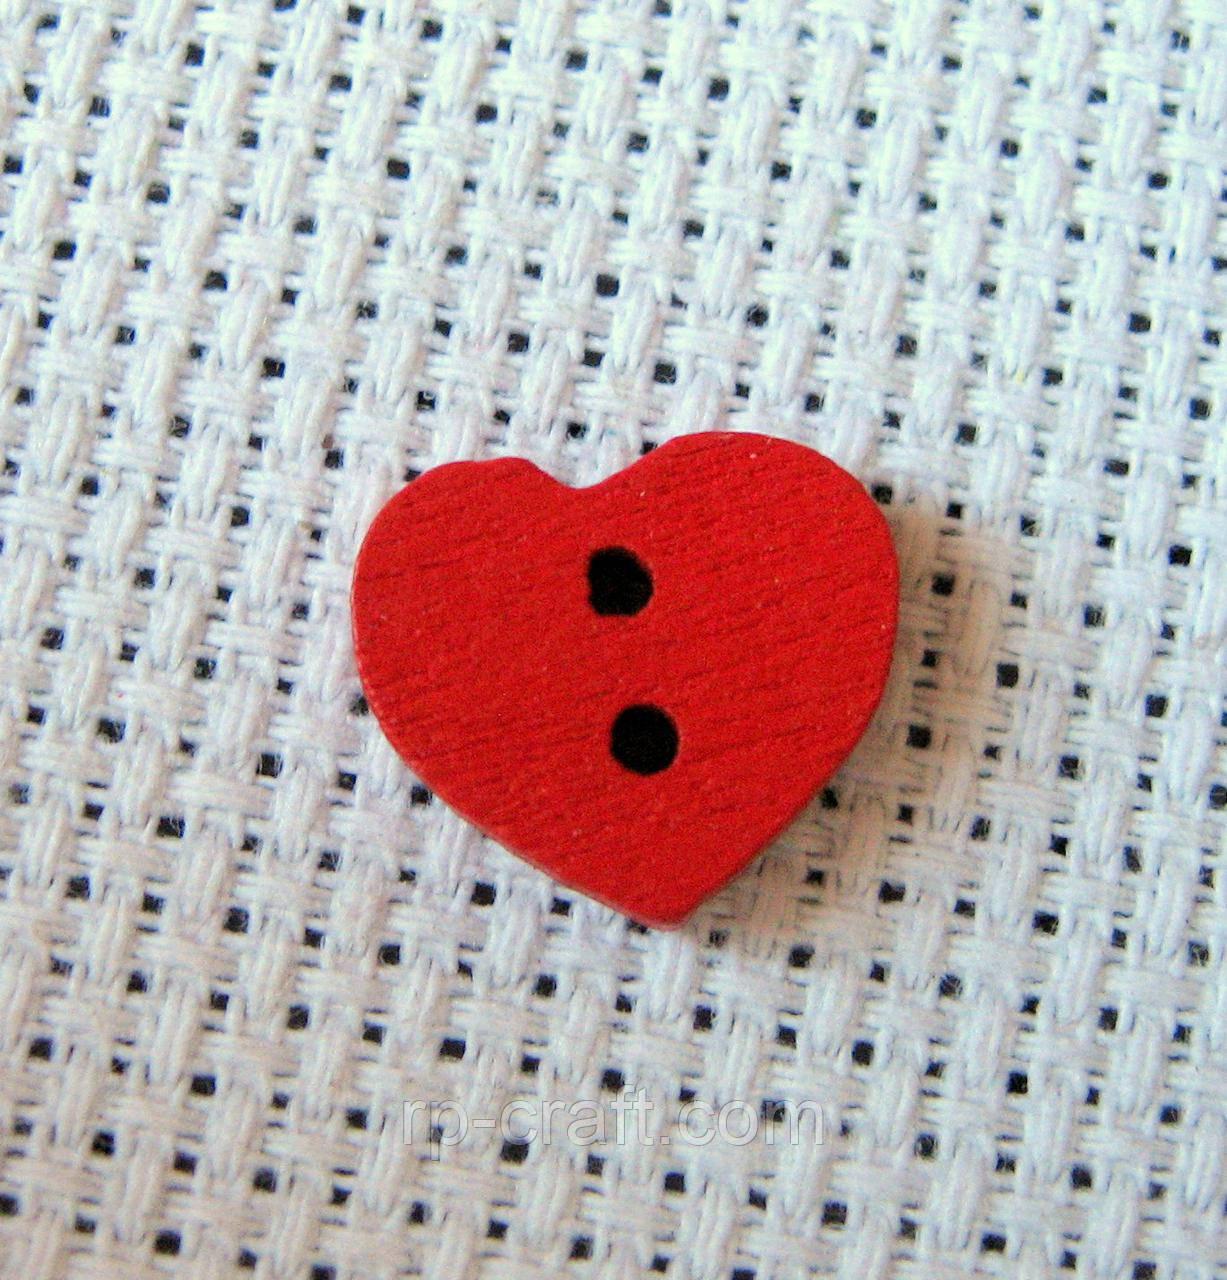 Гудзик дерев'яний, декоративний. Серце 11х13 мм, червоний